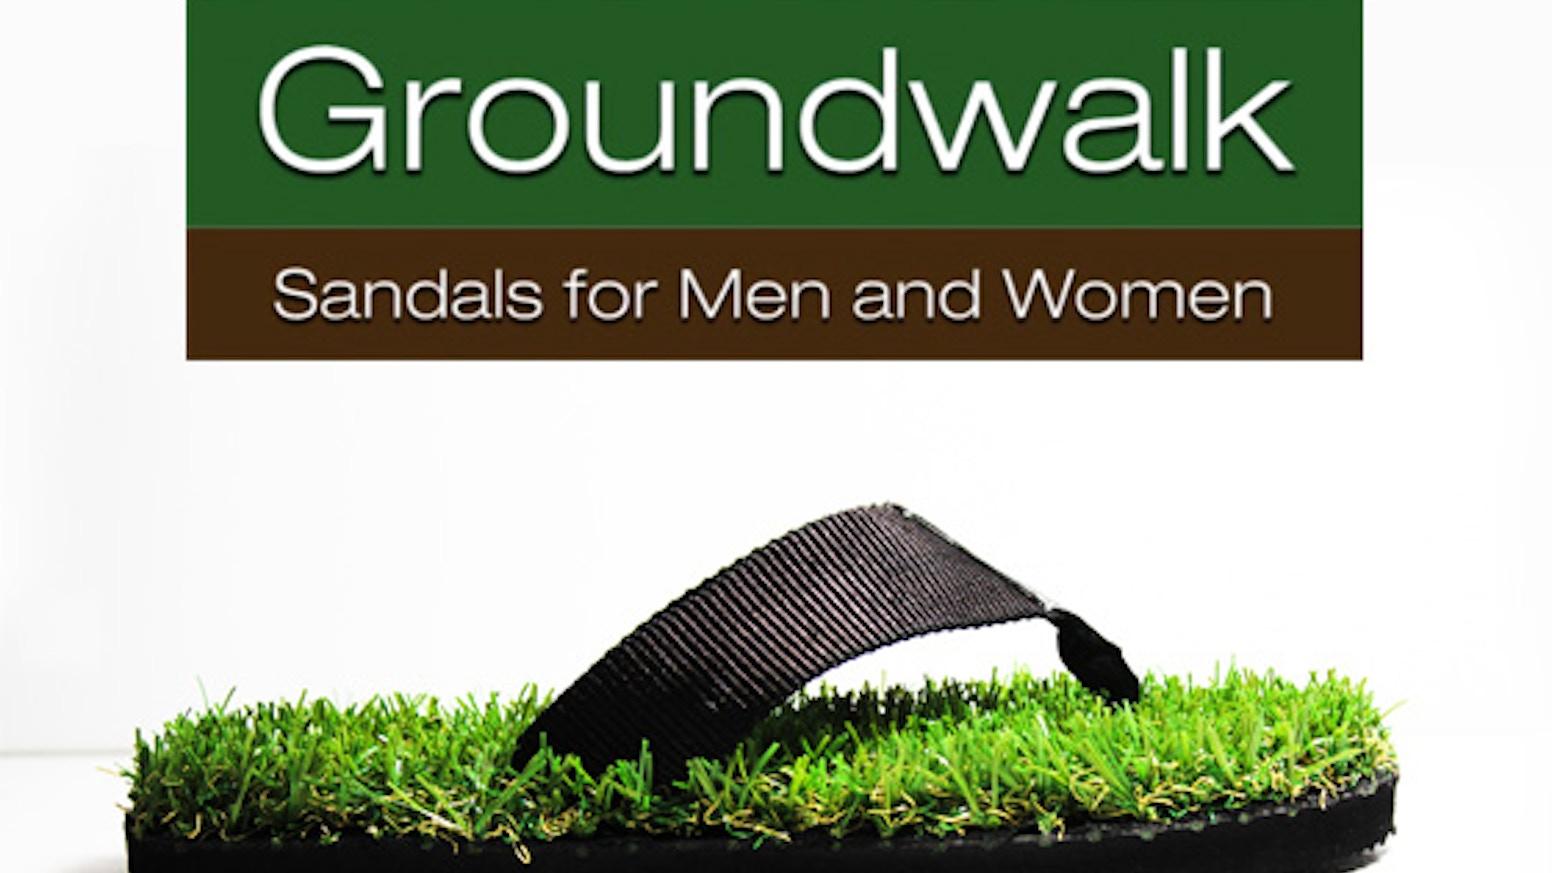 Groundwalk sandals bring you closer to nature anywhere you go. Groundwalk.com